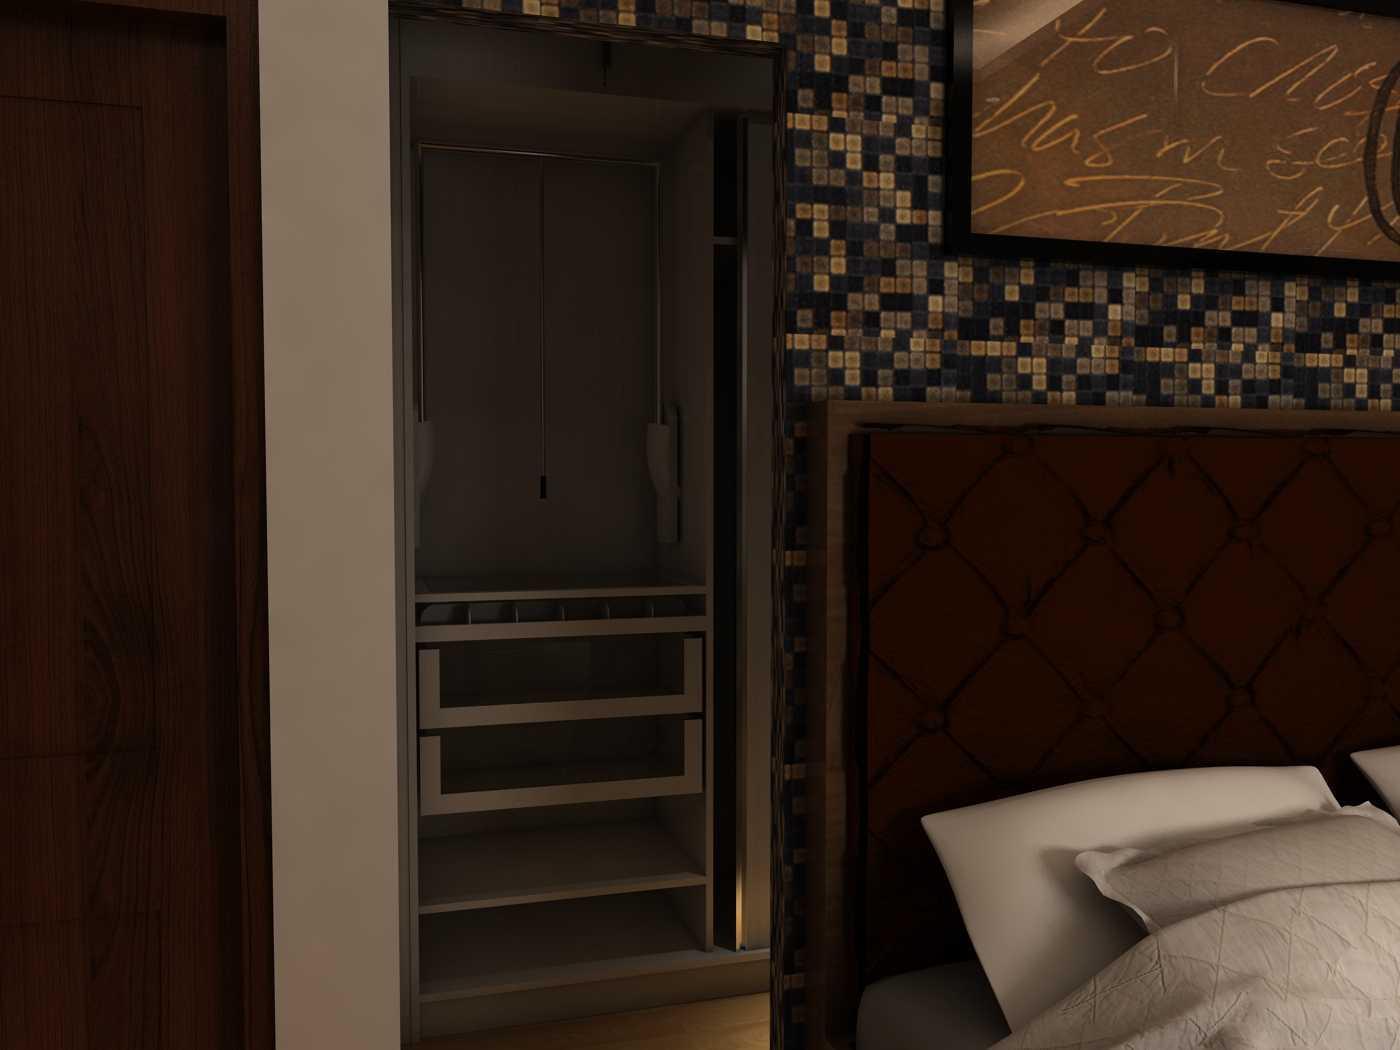 Amadeus Robert Interior Design And Contractor Mi Master Bedroom Kalibata, Jakarta Selatan Kalibata, Jakarta Selatan Master Bedroom  19609